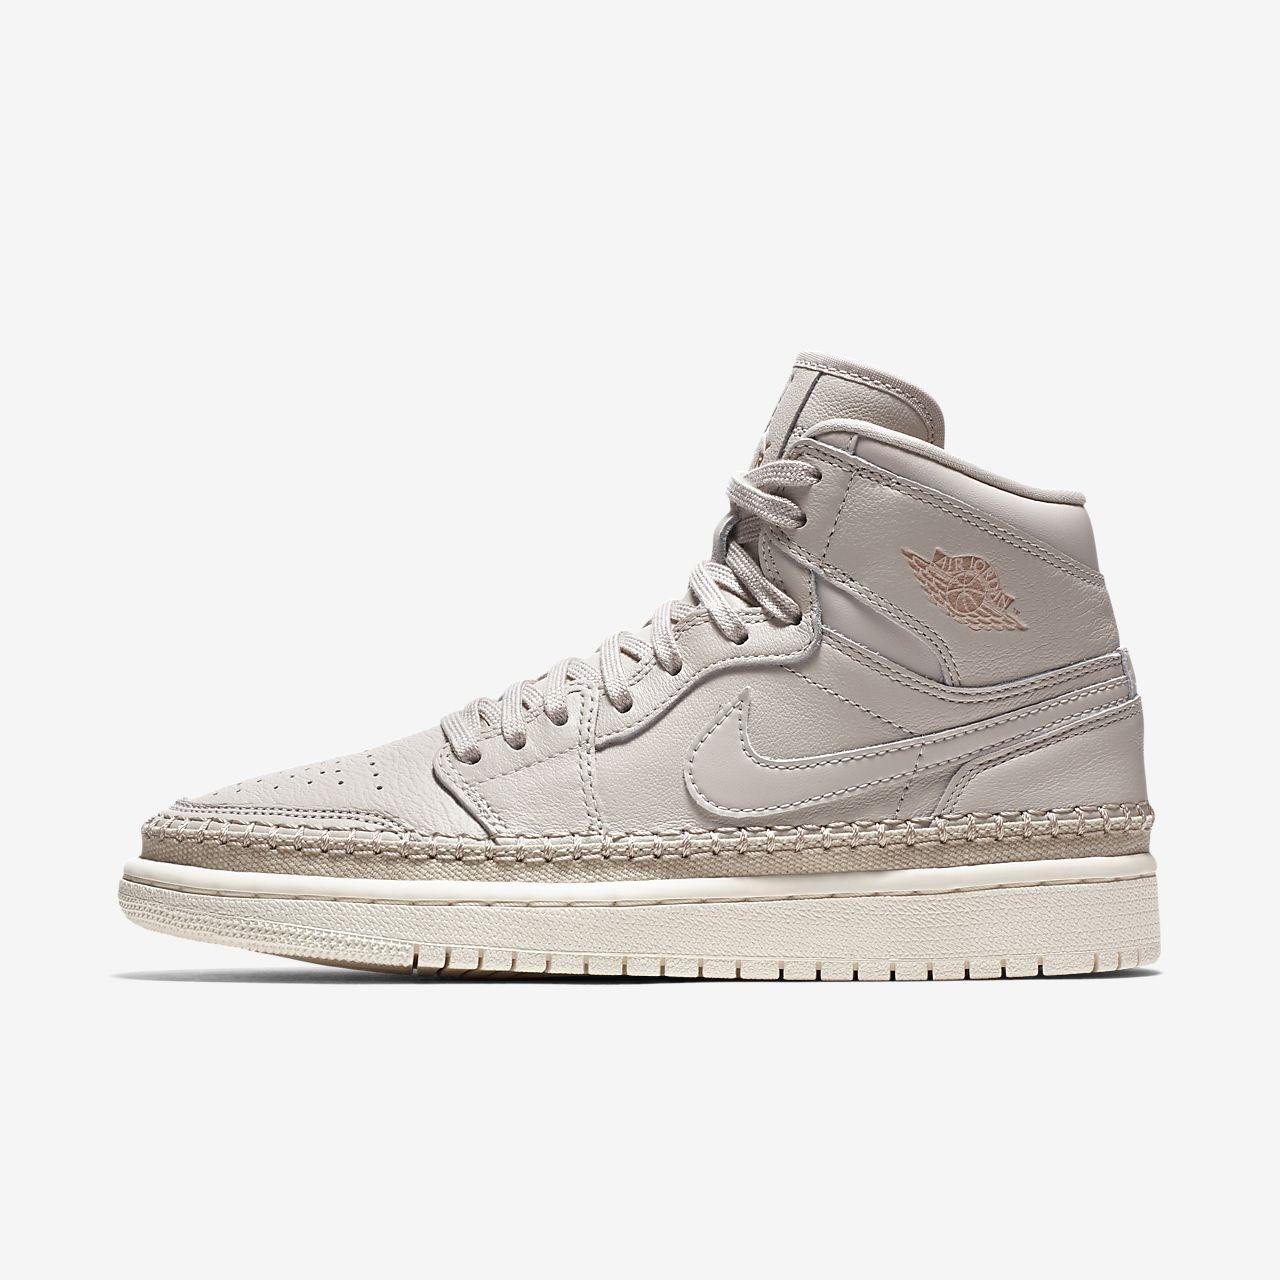 49e2bbc72b1a9 Calzado para mujer Nike Air Jordan 1 Retro High Premium. Nike.com MX